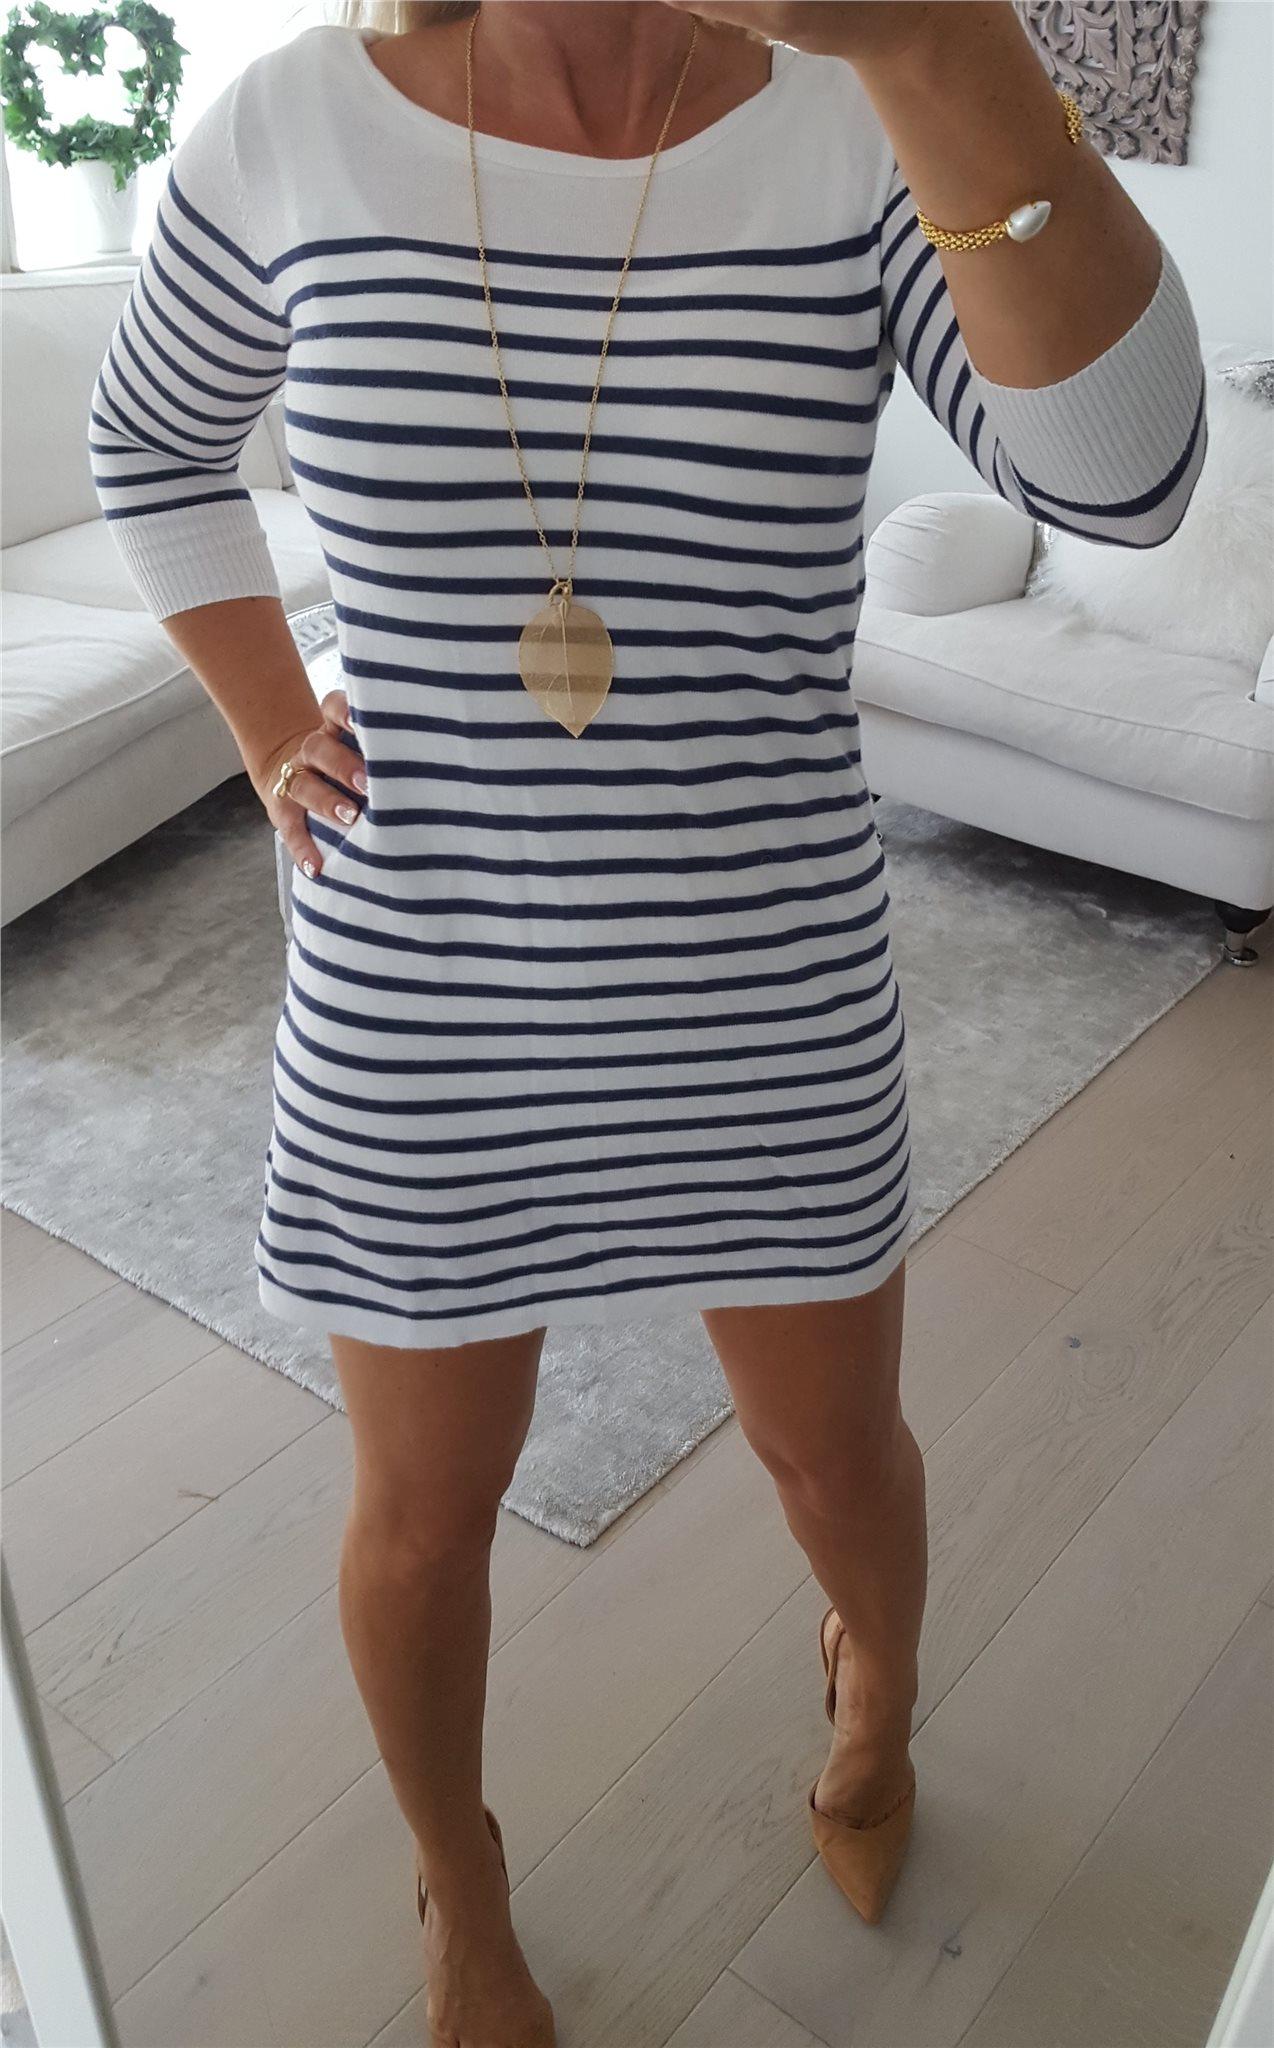 Trendig Söt Sailor Tunika kort klänning vit mörkblå randig Gina Tricot stl. ec2171193add0